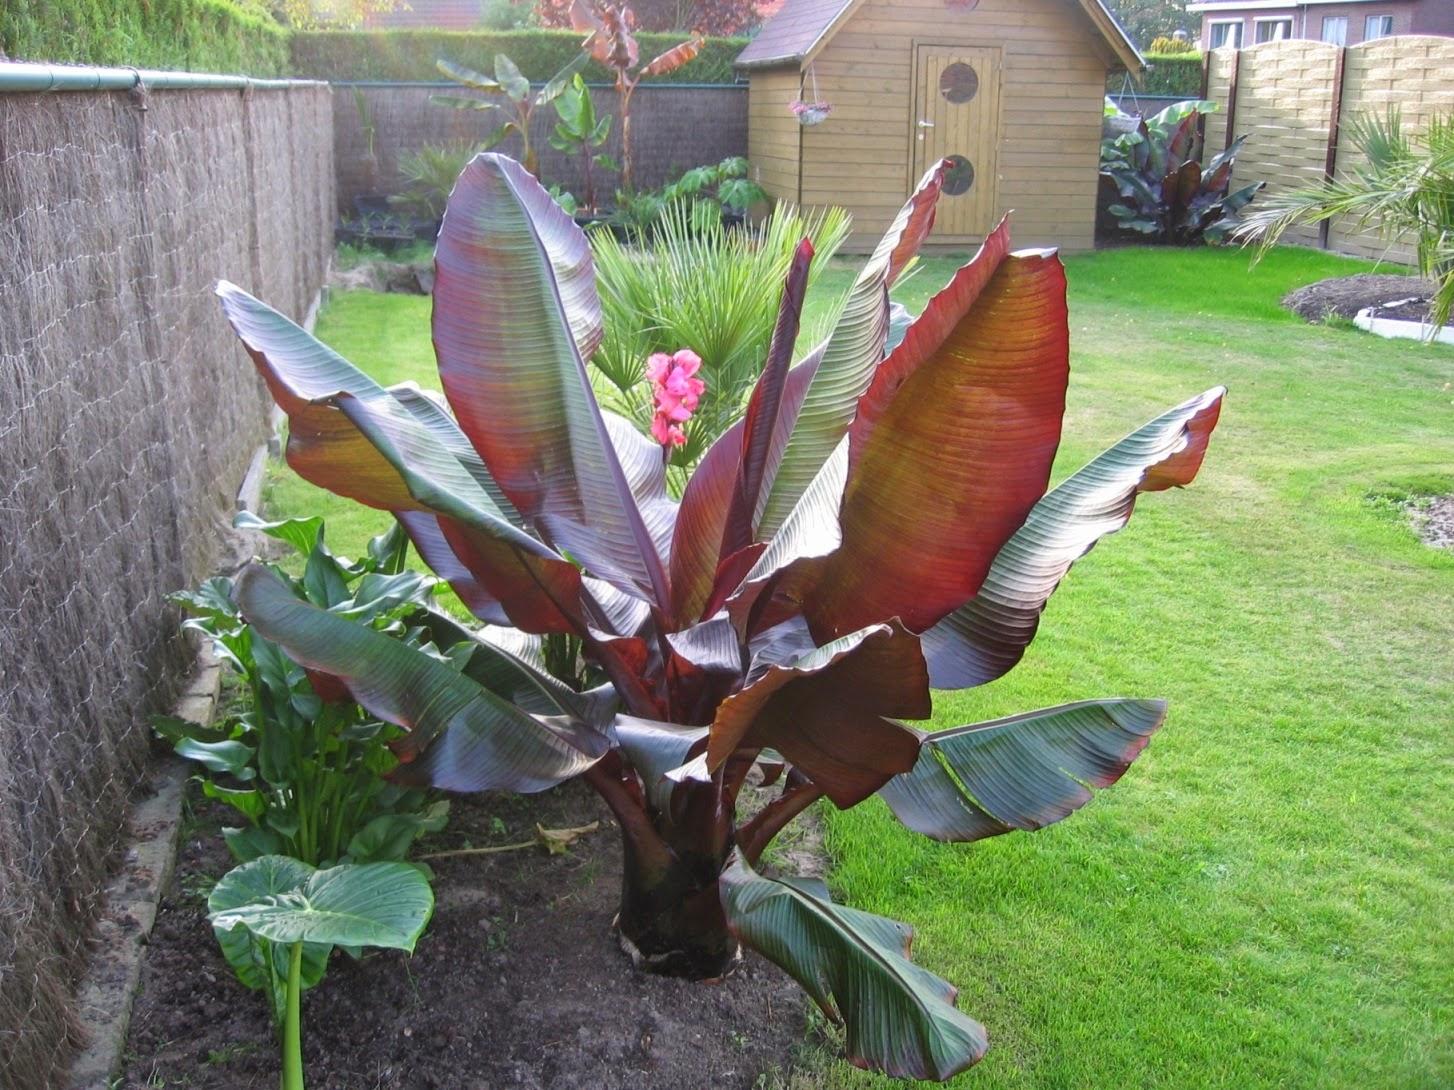 Peces y plantas ornamentales ensete ventricosum maurelii for Banano de jardin